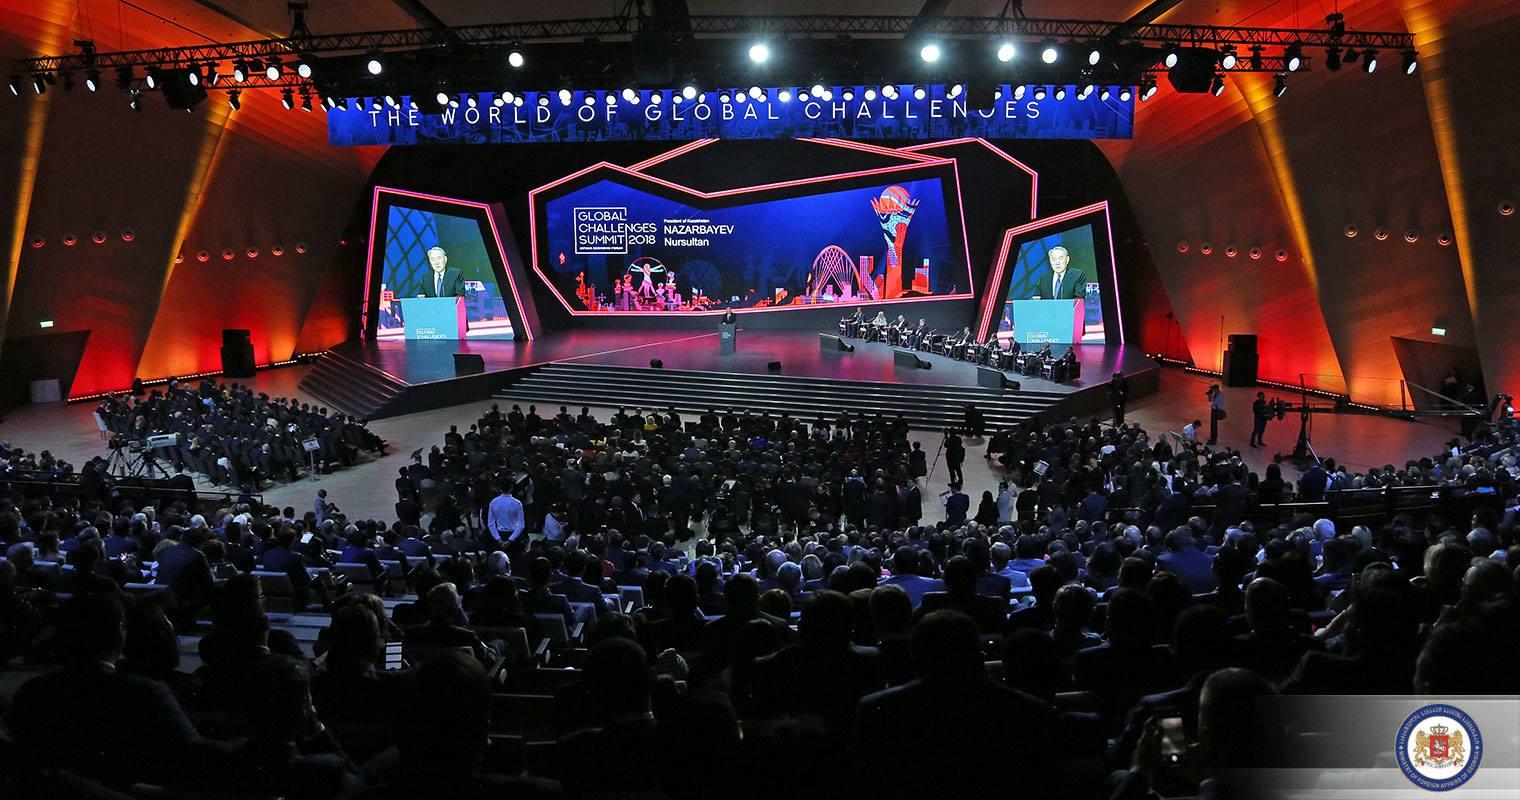 ზურაბ პატარაძემ, ასტანაში გამართულ ეკონომიკურ ფორუმში Global challenges summit 2018 მიიღო მონაწილეობა